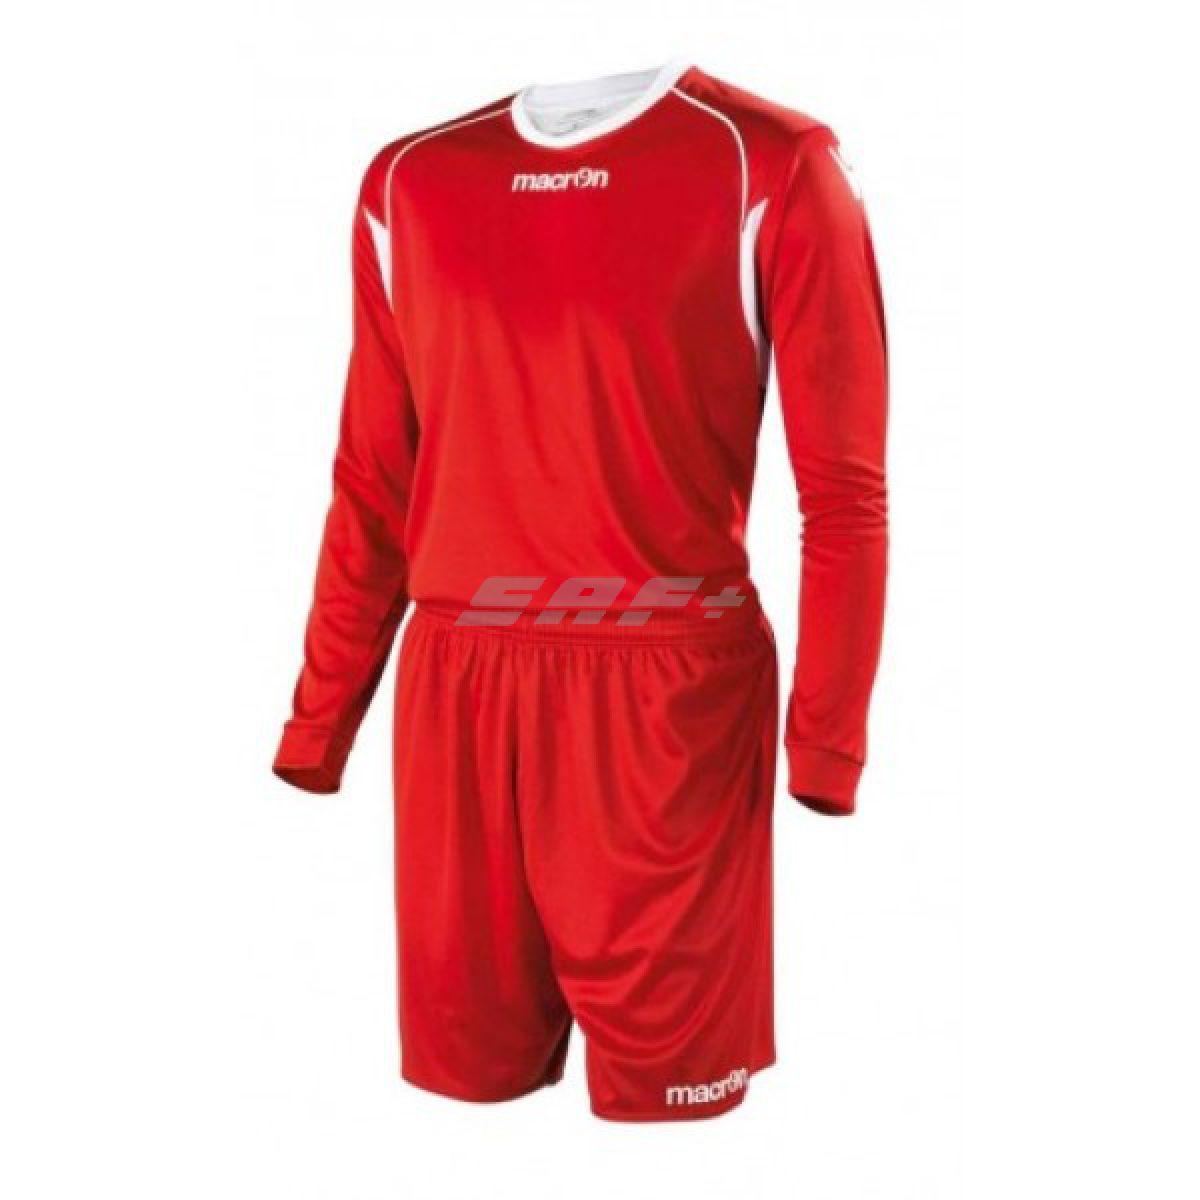 Купить футбольную форму